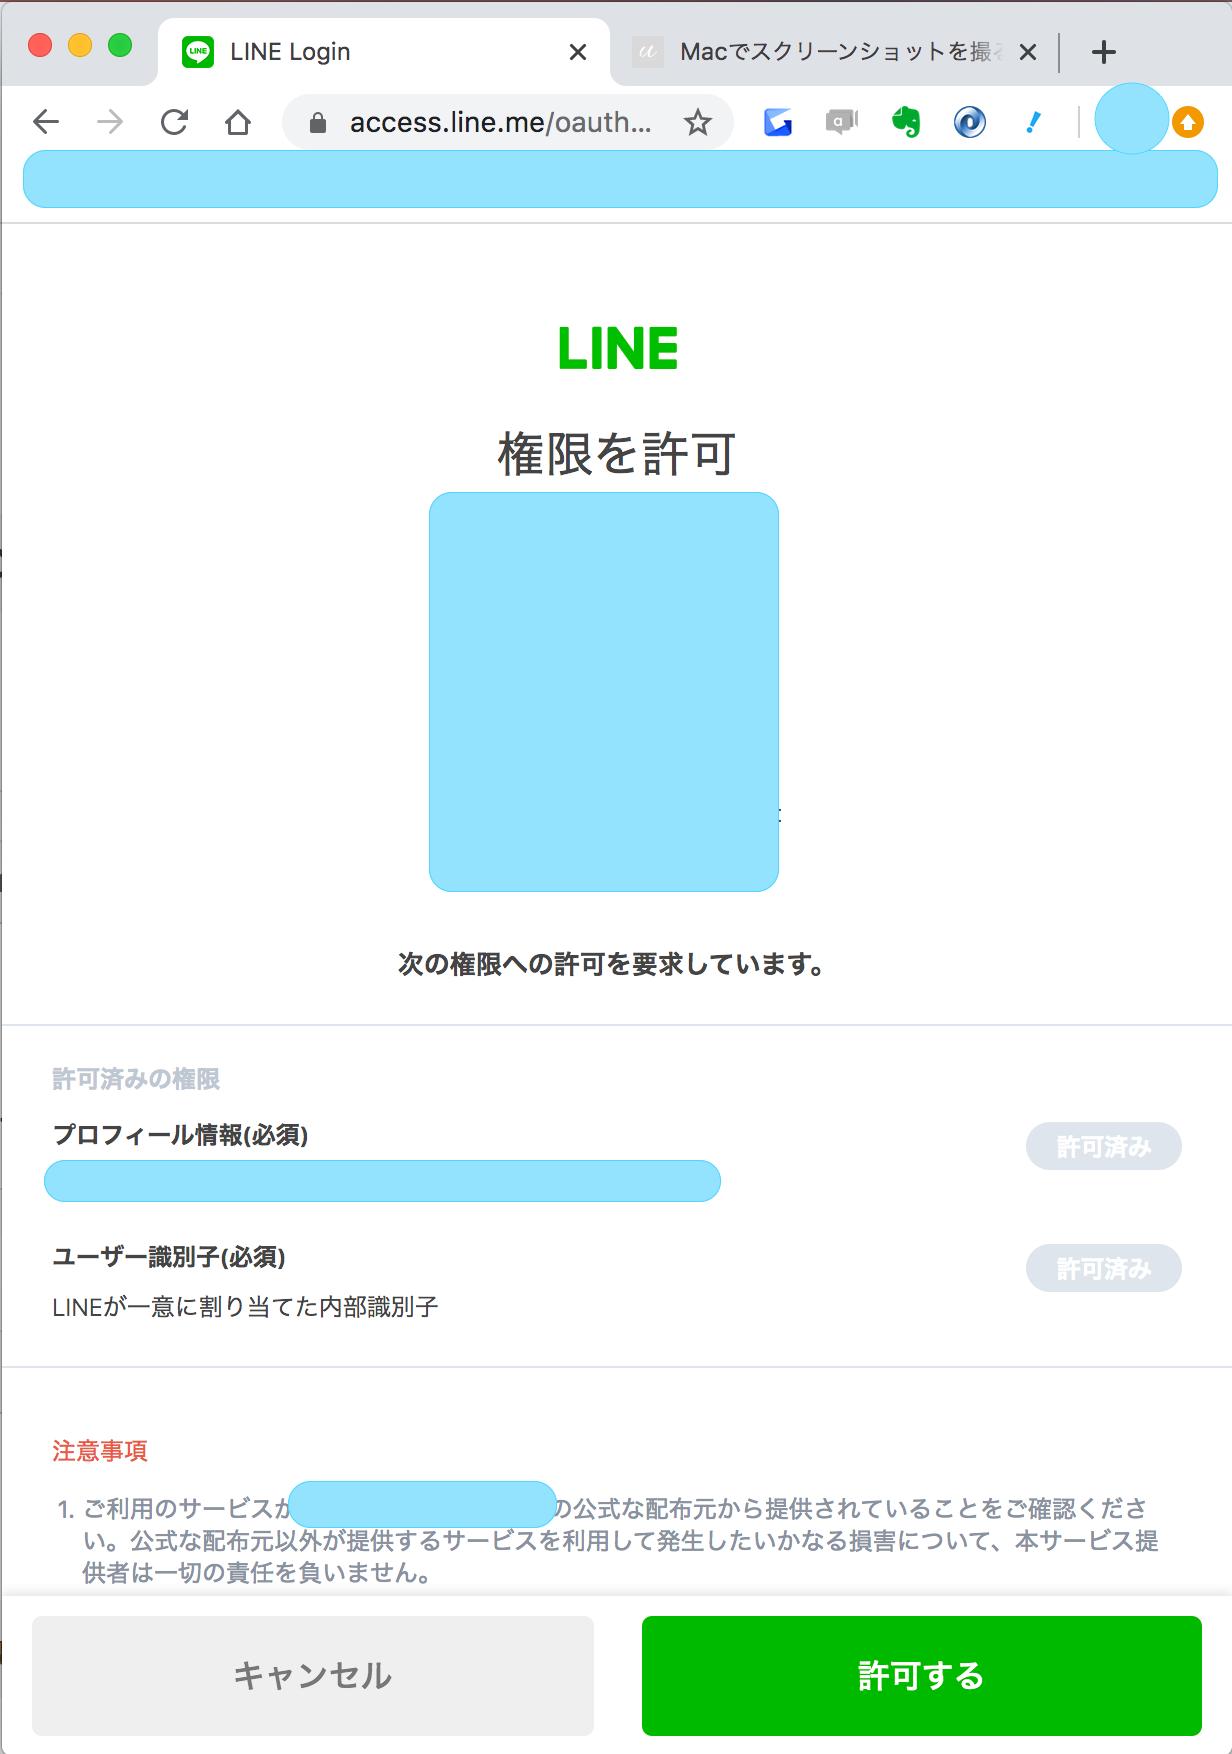 スクリーンショット 2020-01-17 23.28.50.png